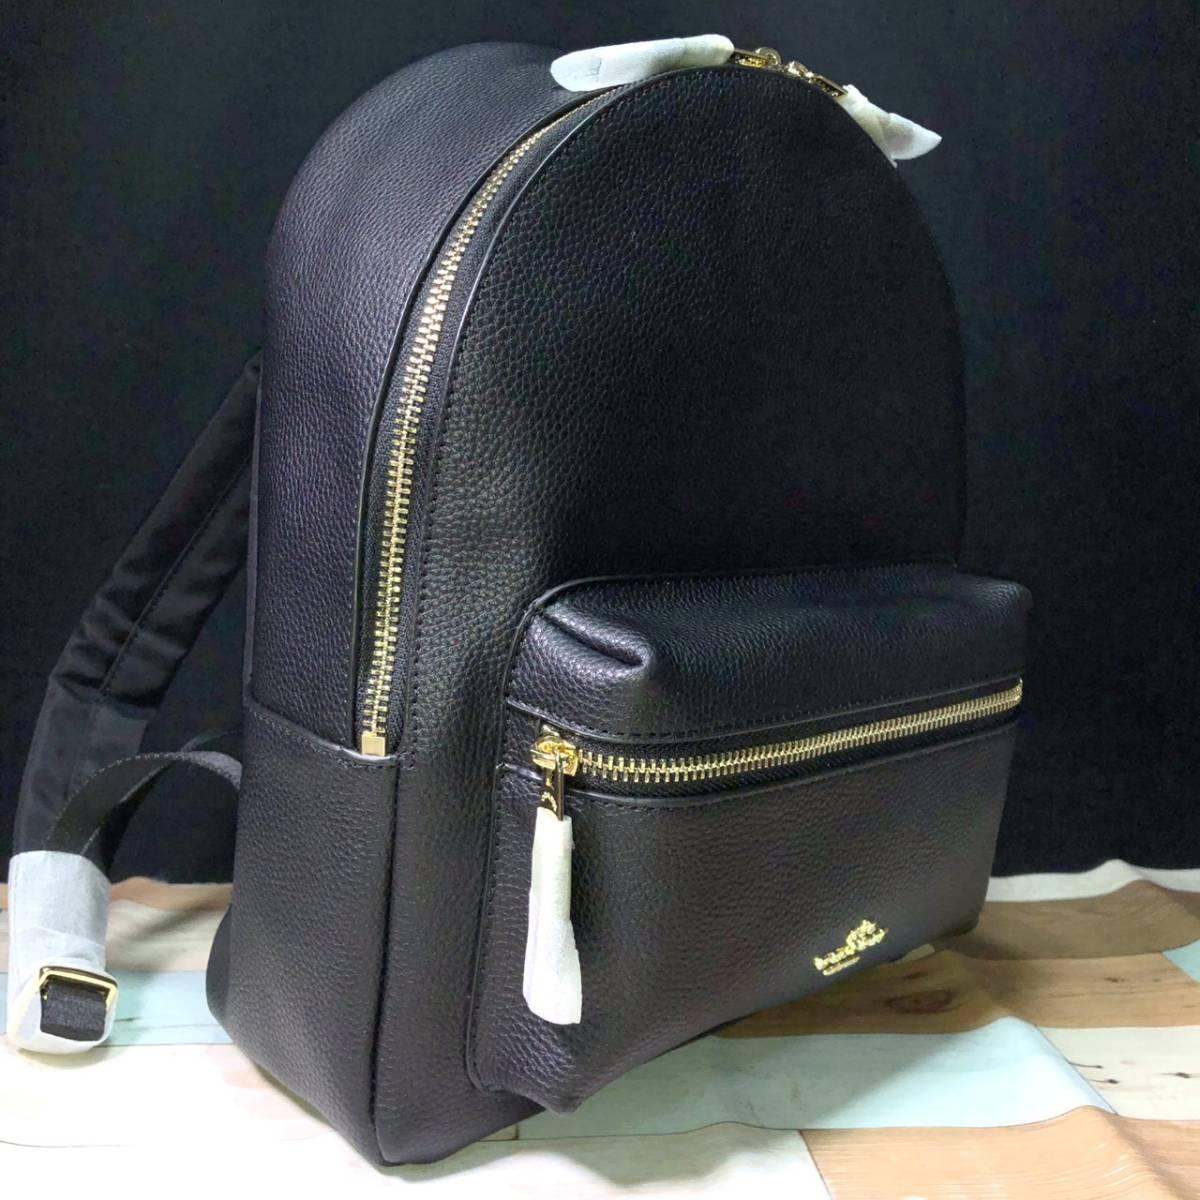 fa18358ffdd4 COACH リュックサックバックパックレディースバッグアウトレットブラック黒F30550 IMBLK. 商品數量: :1